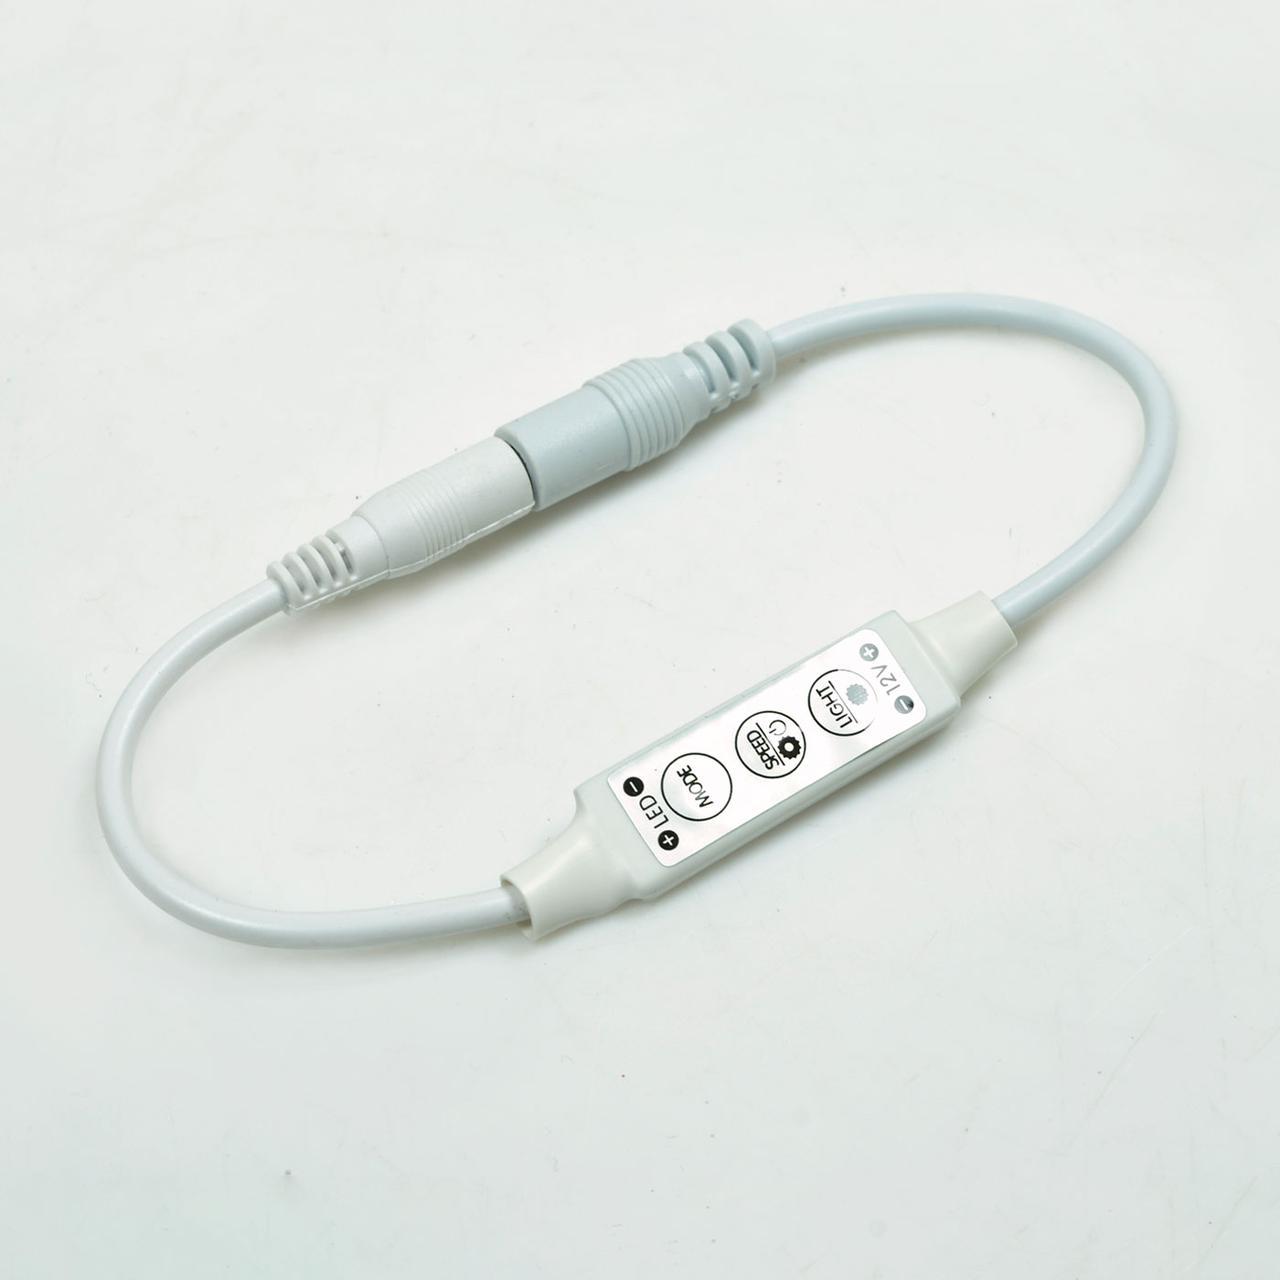 Диммер LDF-S120 (с кнопочным управлением)